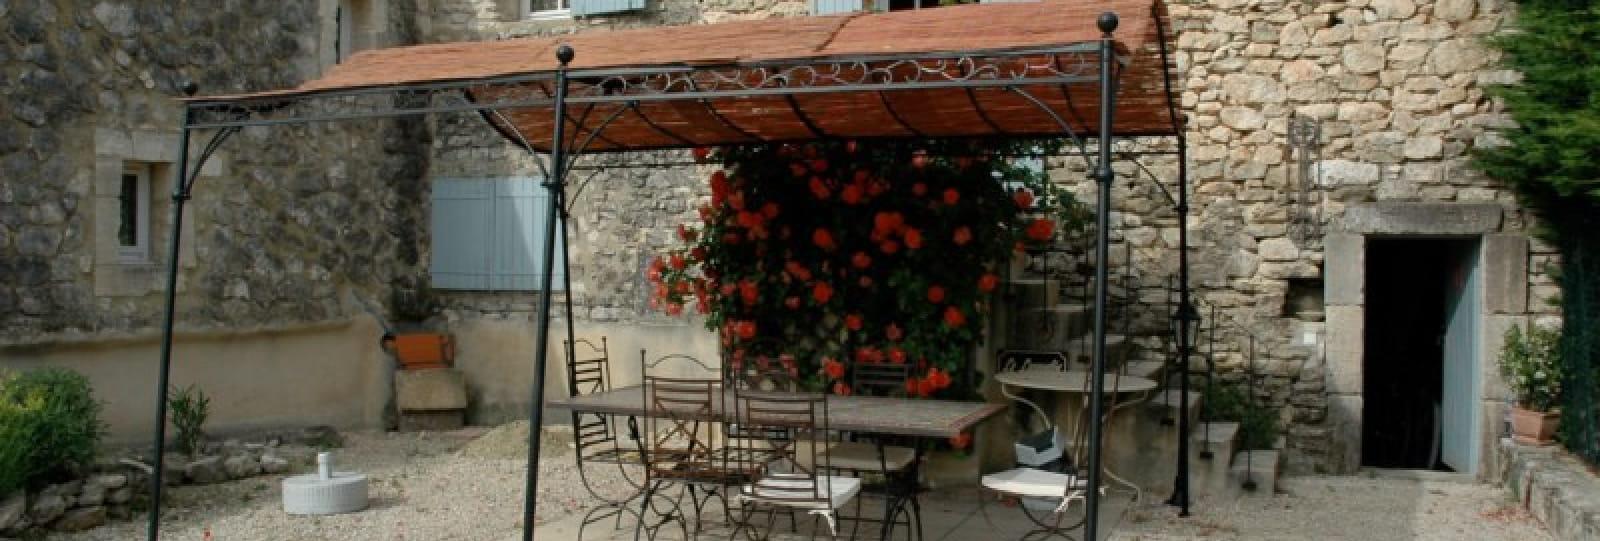 Gîte pour 4 personnes, e Drôme Provençale